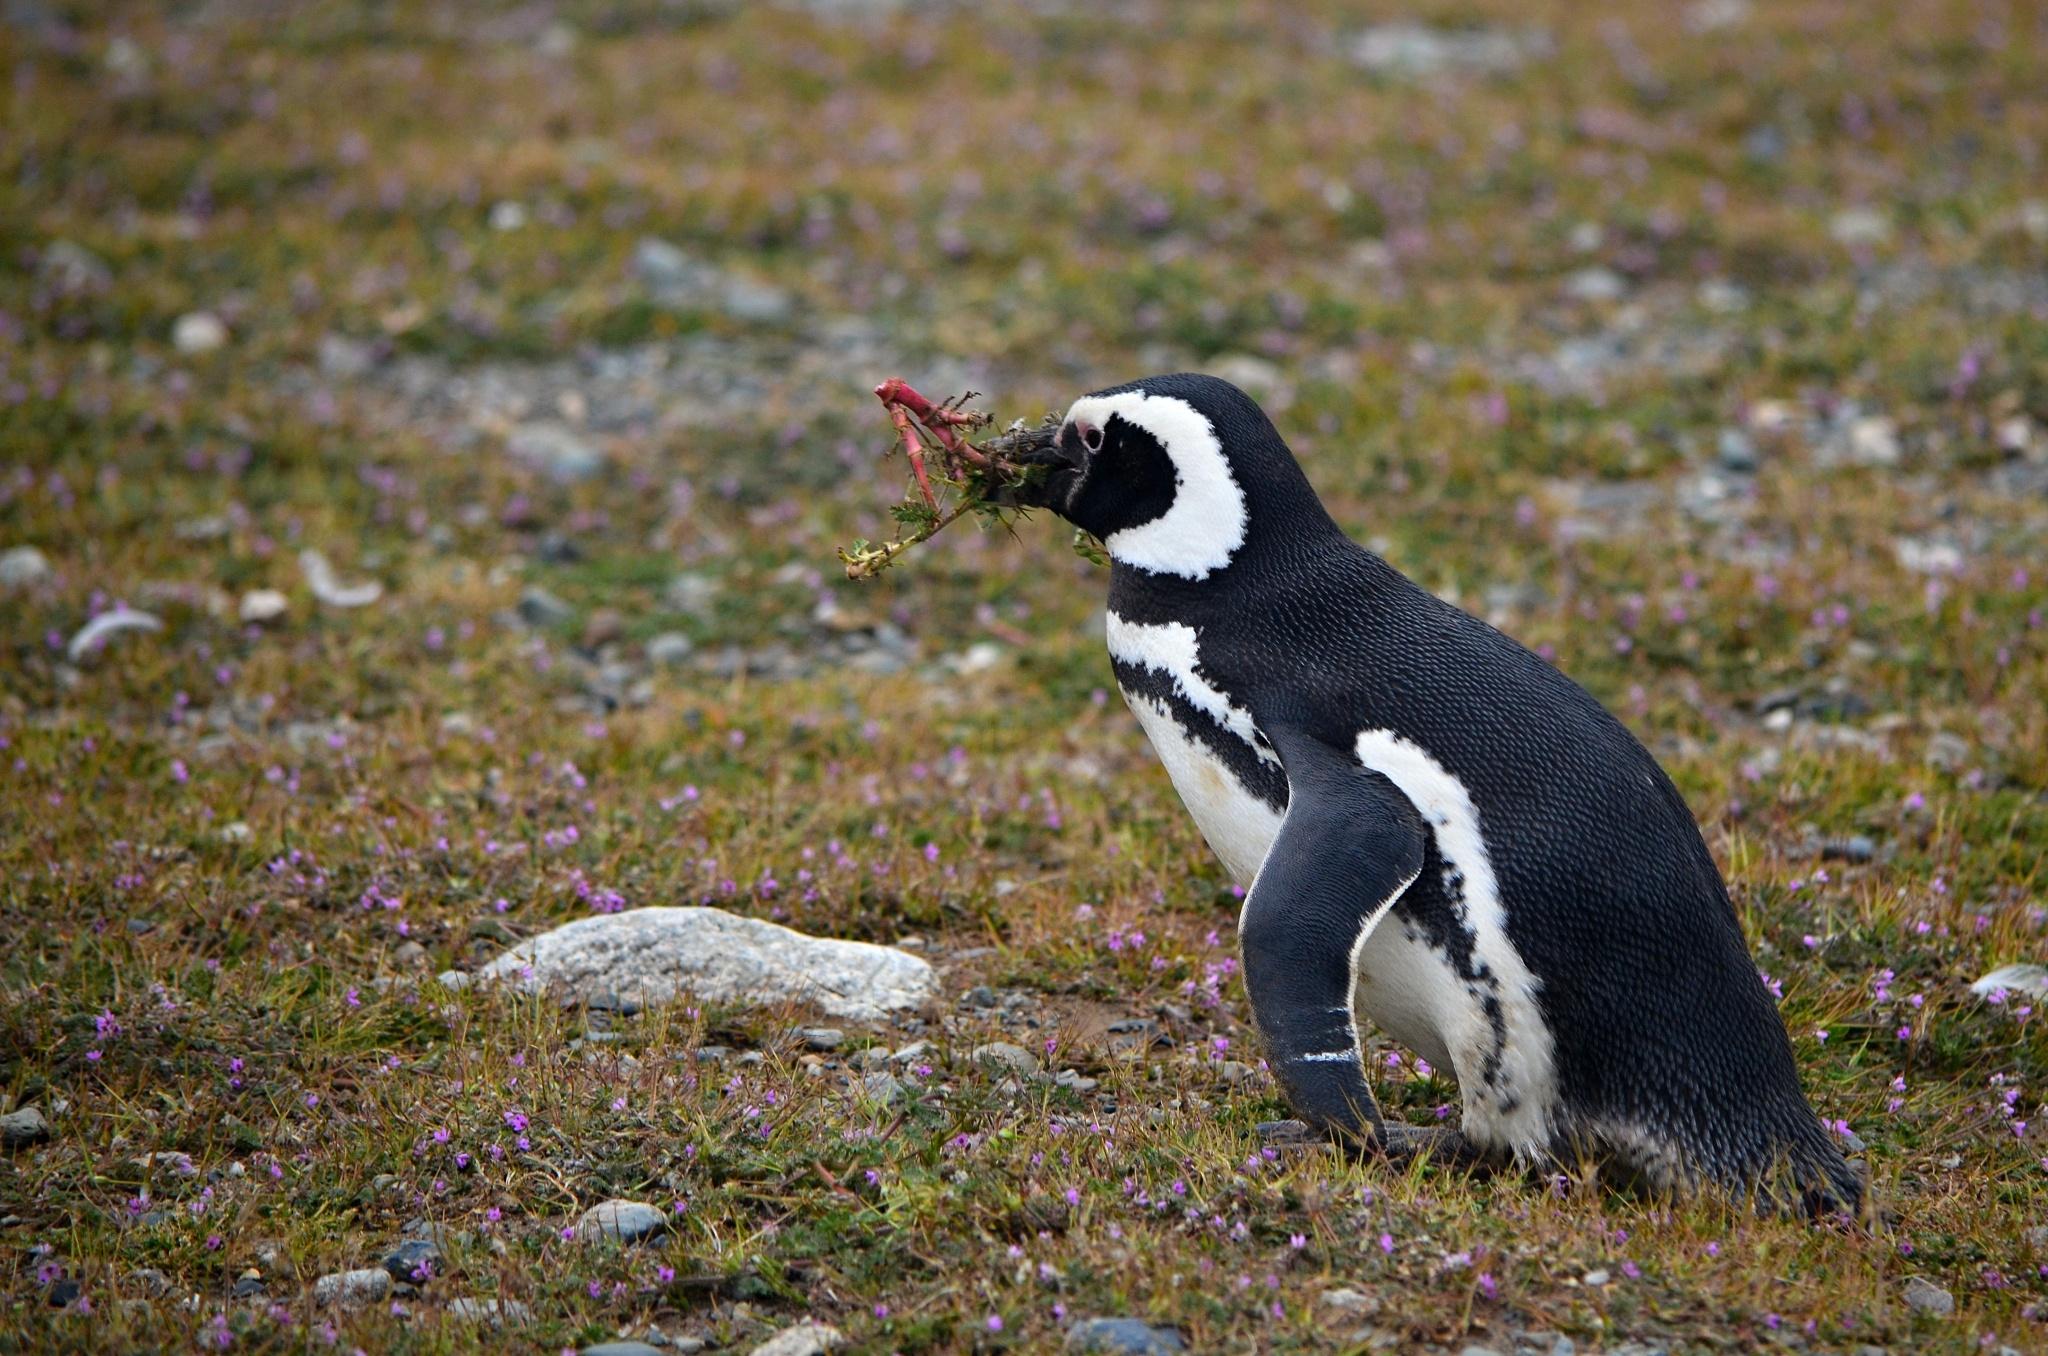 Tučňák shání něco do hnízda